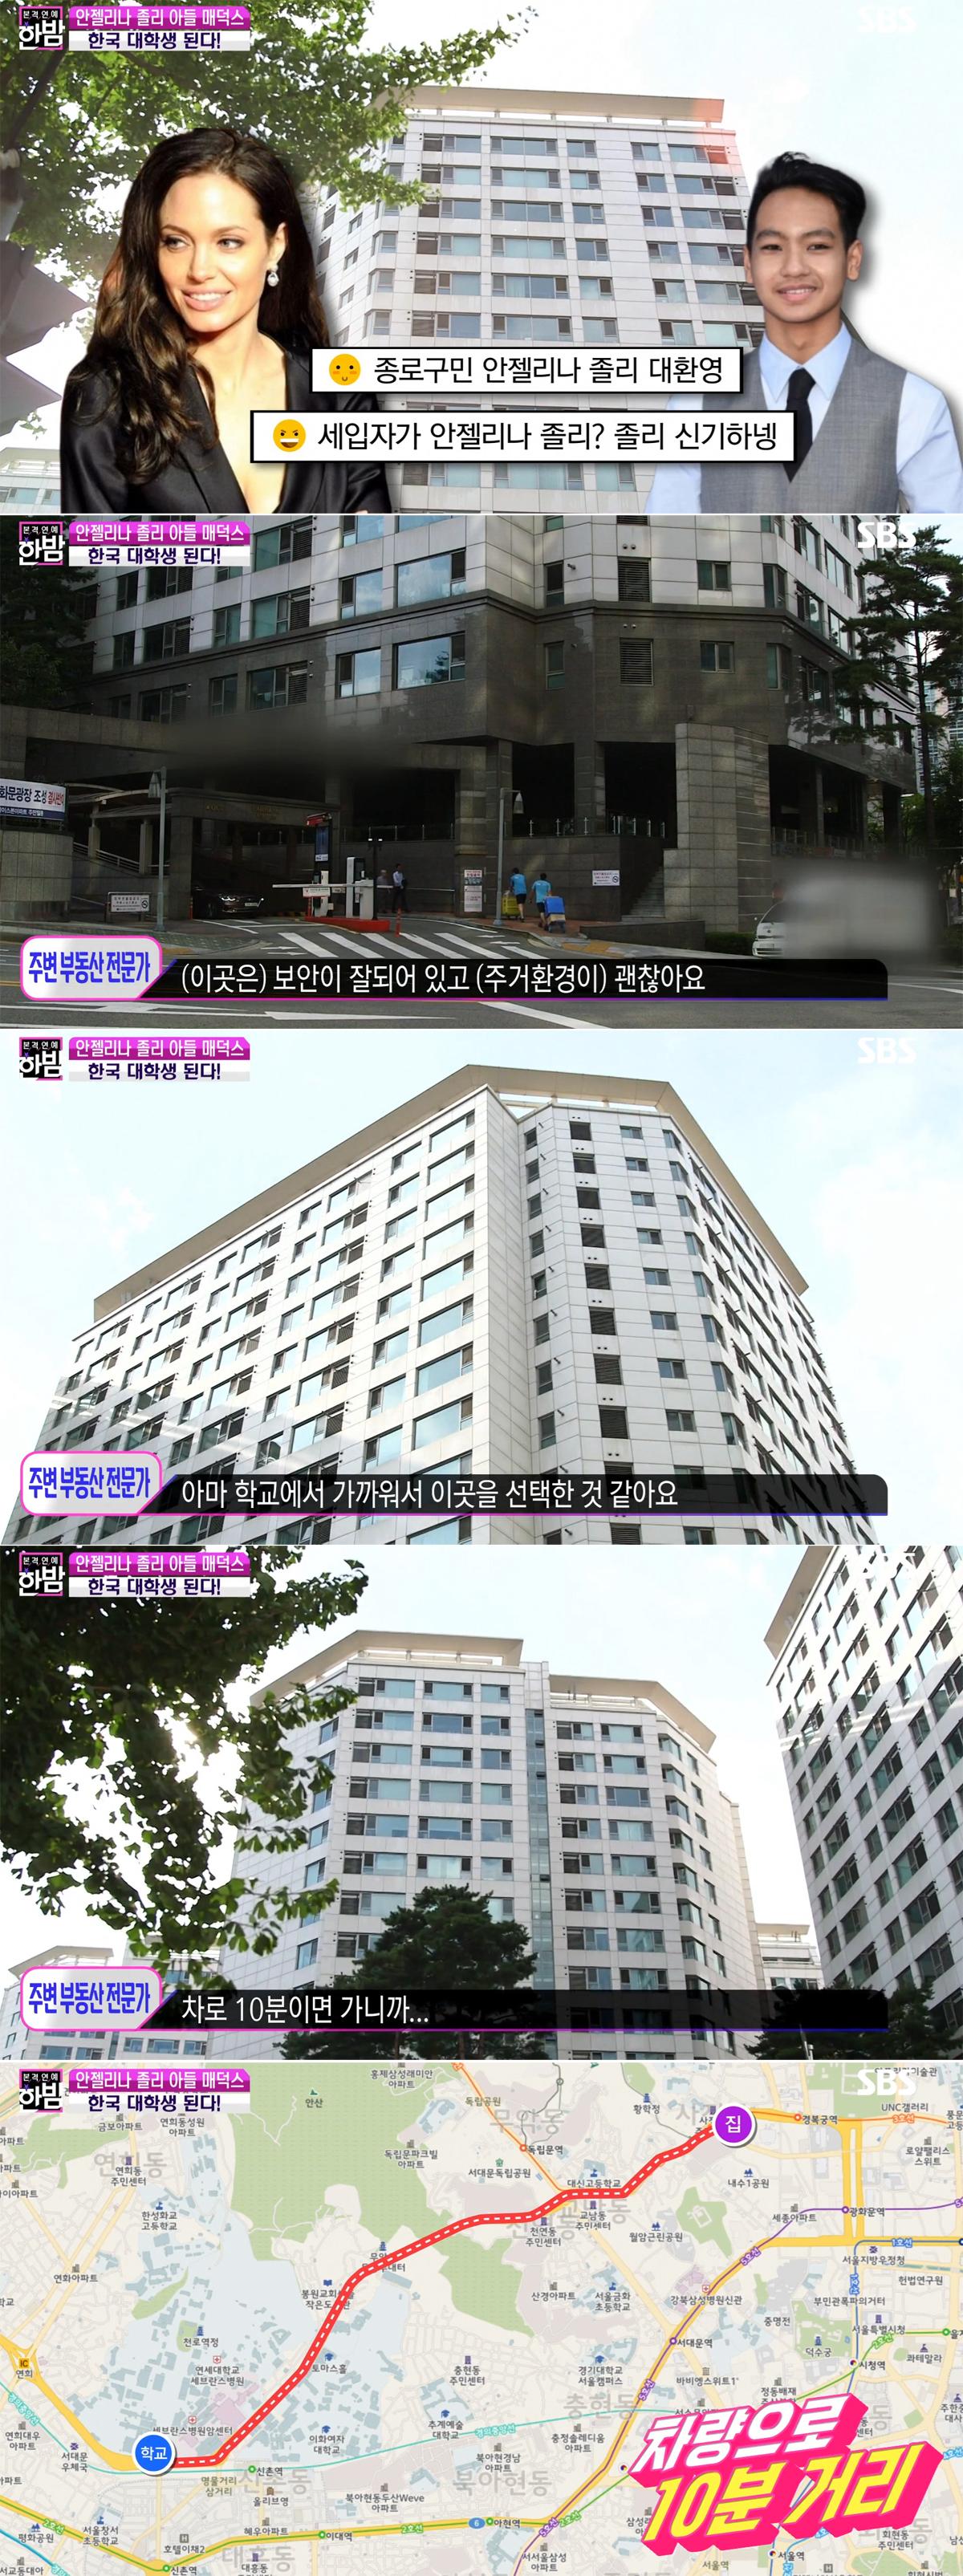 앤젤리나 졸리가 광화문의 한 아파트를 전세계약했다는 소식이 전해졌다. [SBS 캡처]